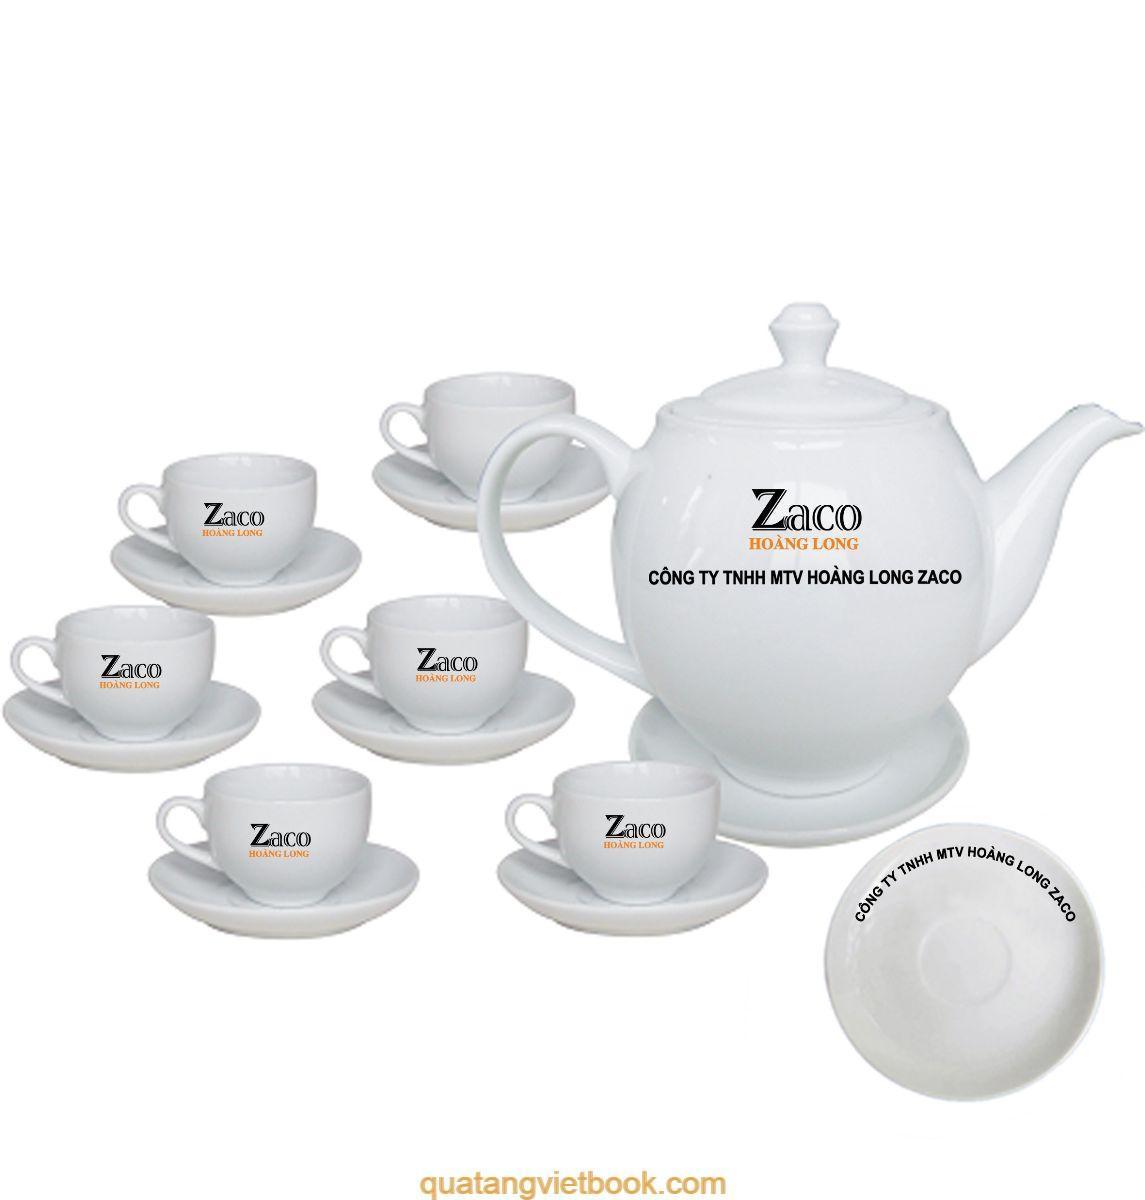 In logo Zaco lên bộ ấm chén